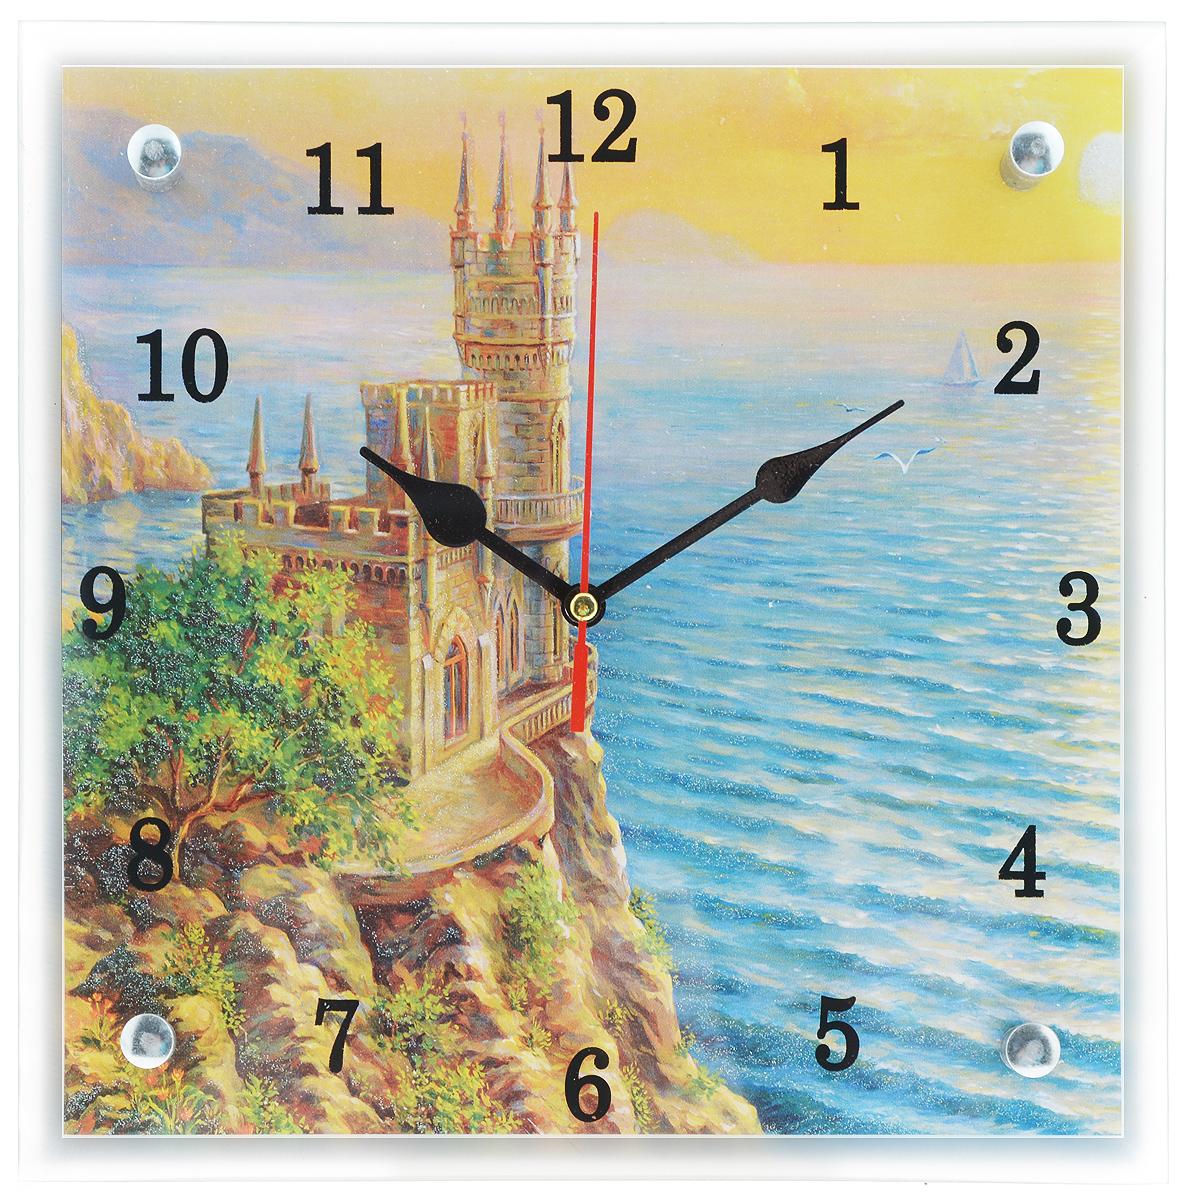 Часы настенные Proffi Home Ласточкино гнездо, 25 х 25 смВ93Настенные кварцевые часы Proffi Home Ласточкино гнездо, изготовленные из ДВП и стекла, прекрасно подойдут под интерьер вашего дома. Квадратные часы имеют три стрелки: часовую, минутную и секундную. Размер часов: 25 х 25 см. Часы работают от 1 батарейки типа АА напряжением 1,5 В. Батарейка в комплект не входит.